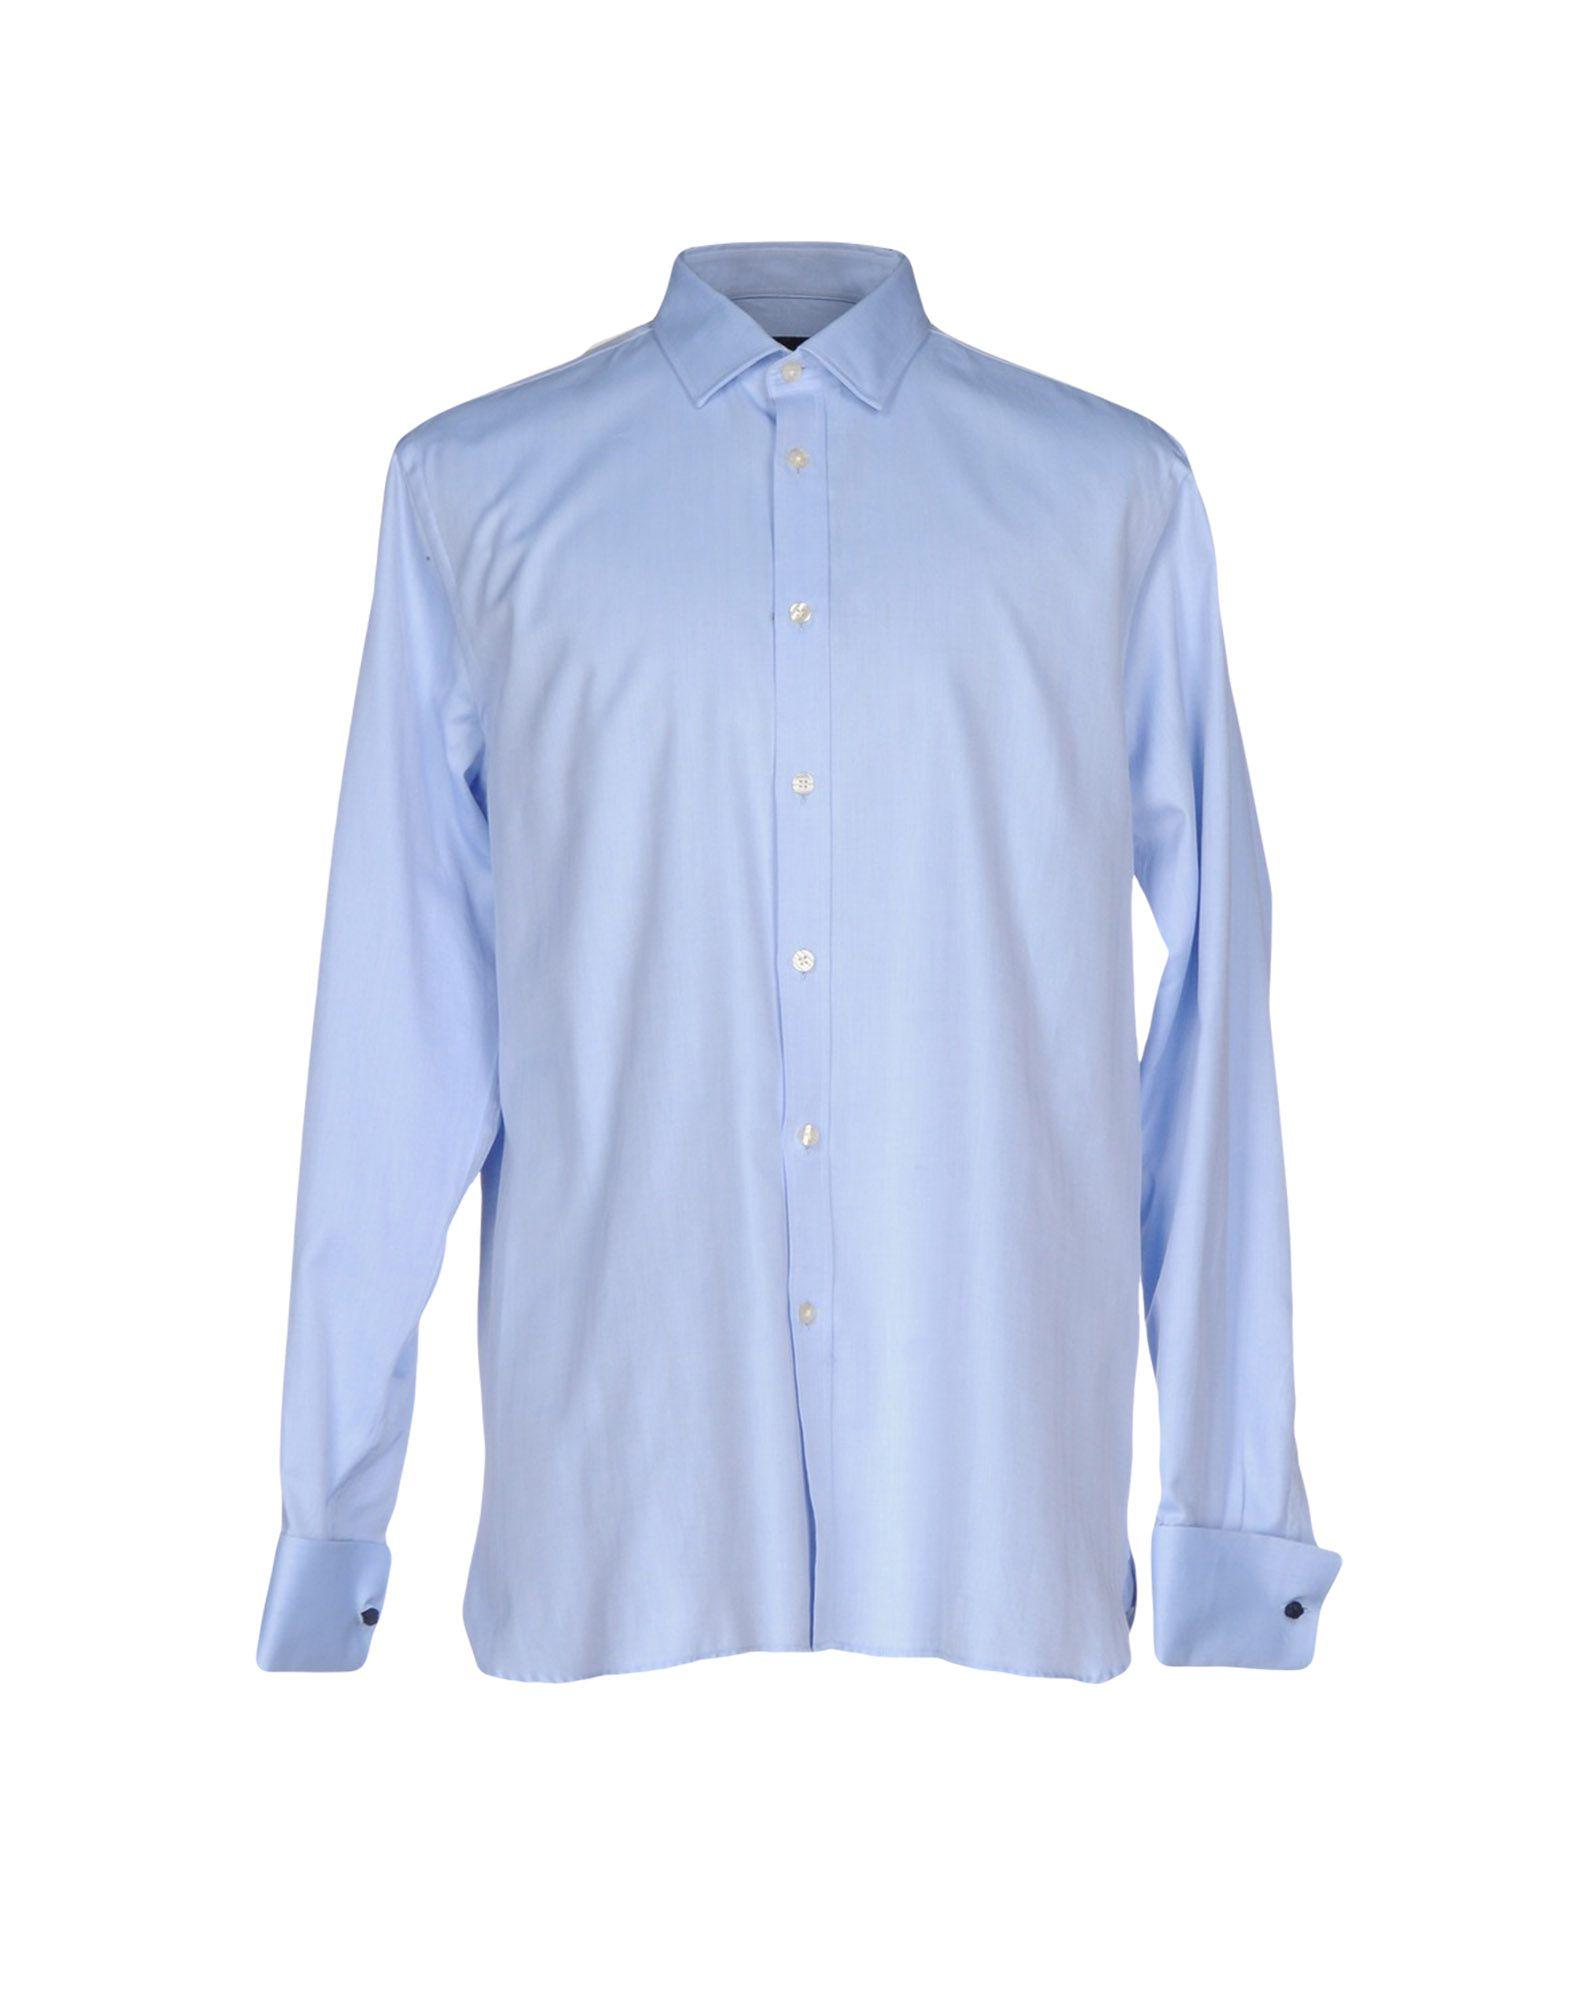 《2万円以上オーダーで送料無料》AQUASCUTUM メンズ シャツ ブルー 43 コットン 100%